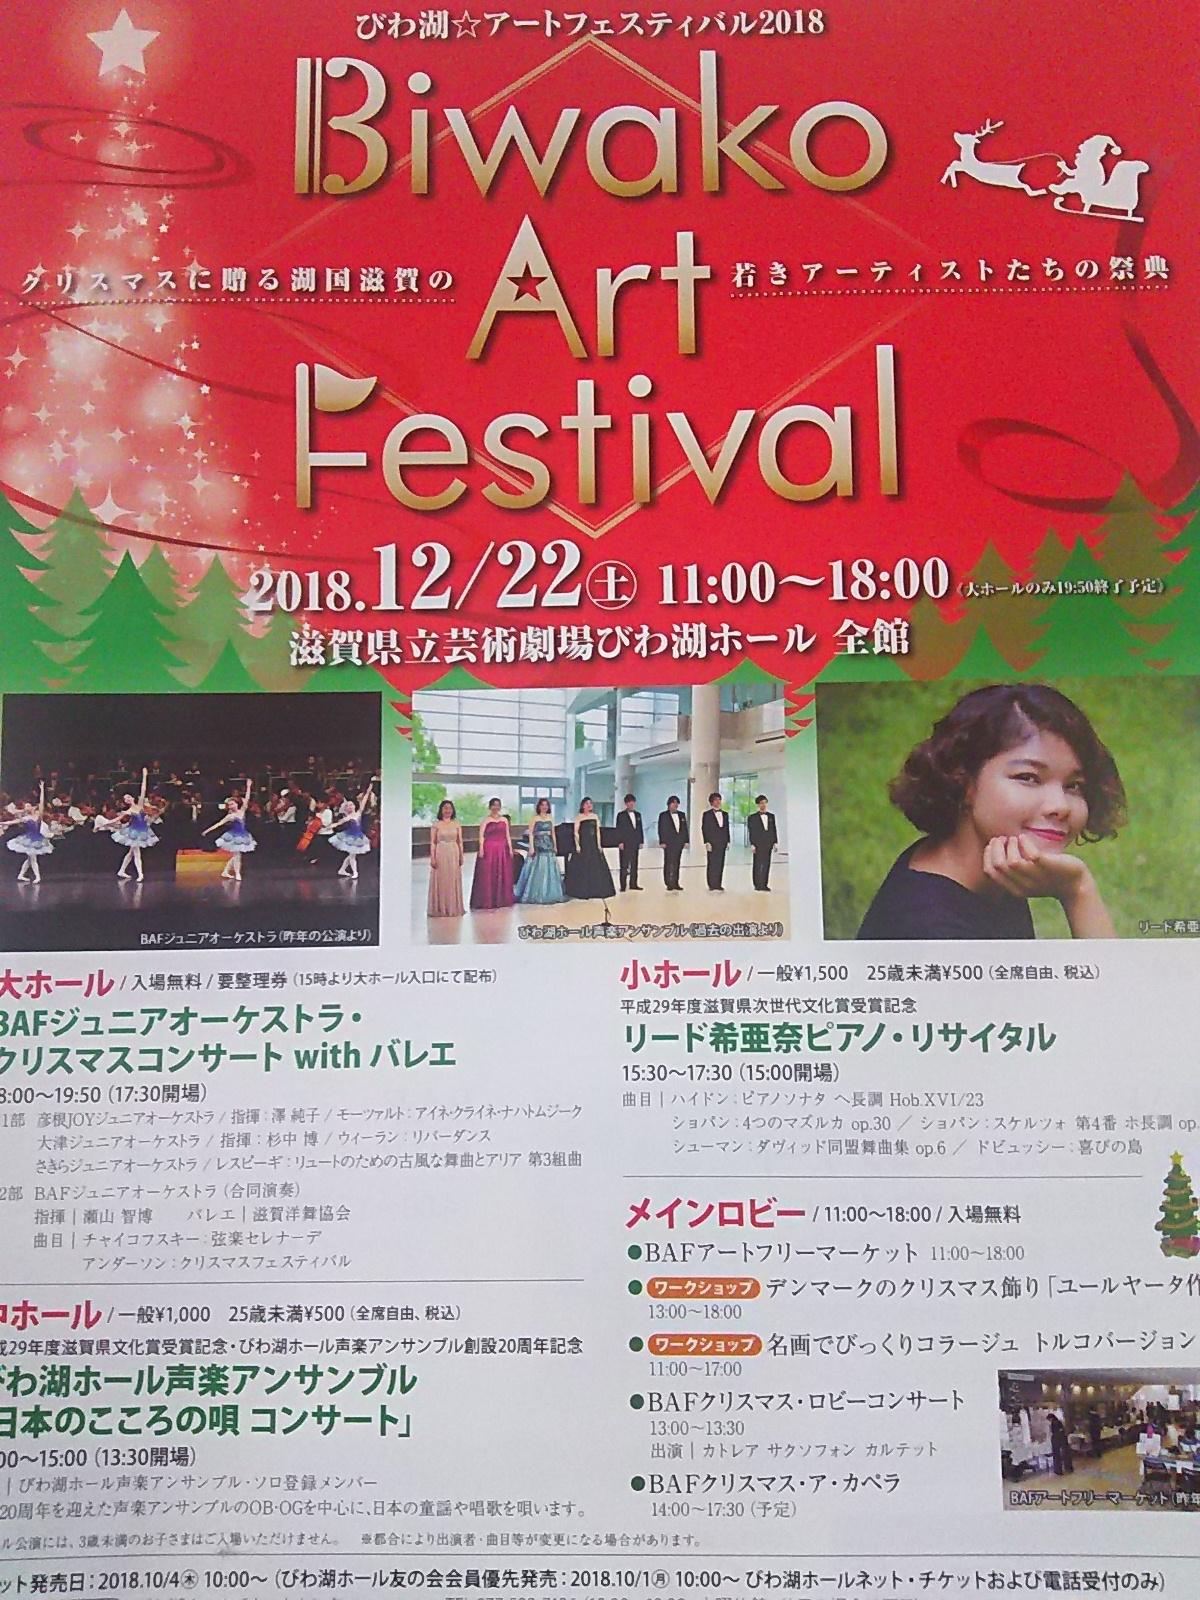 BAFジュニアオーケストラ クリスマスコンサート With バレエ